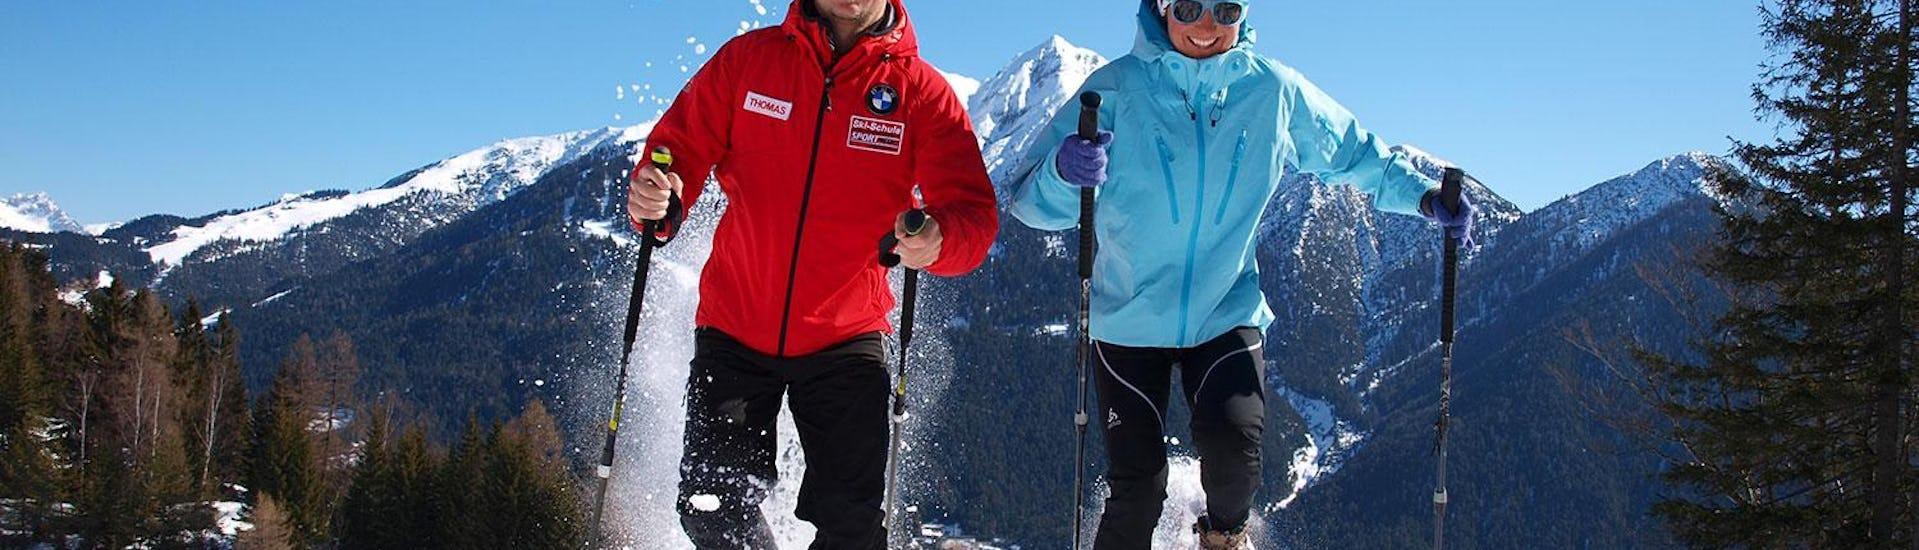 Man and woman at snowshoing at winterland